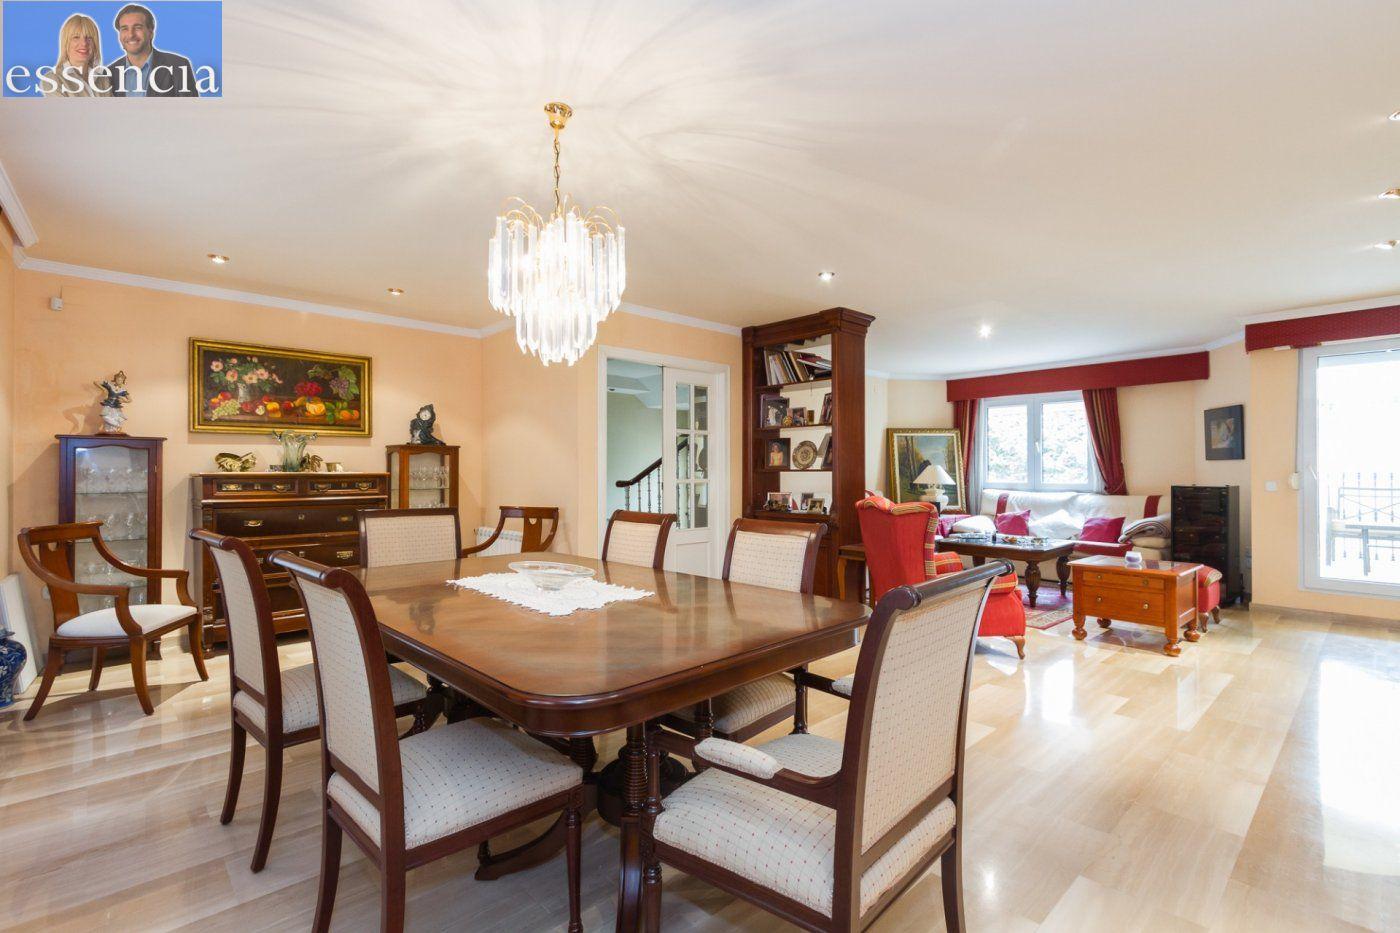 Casa con encanto en el centro de gandÍa para clientes vip - imagenInmueble2